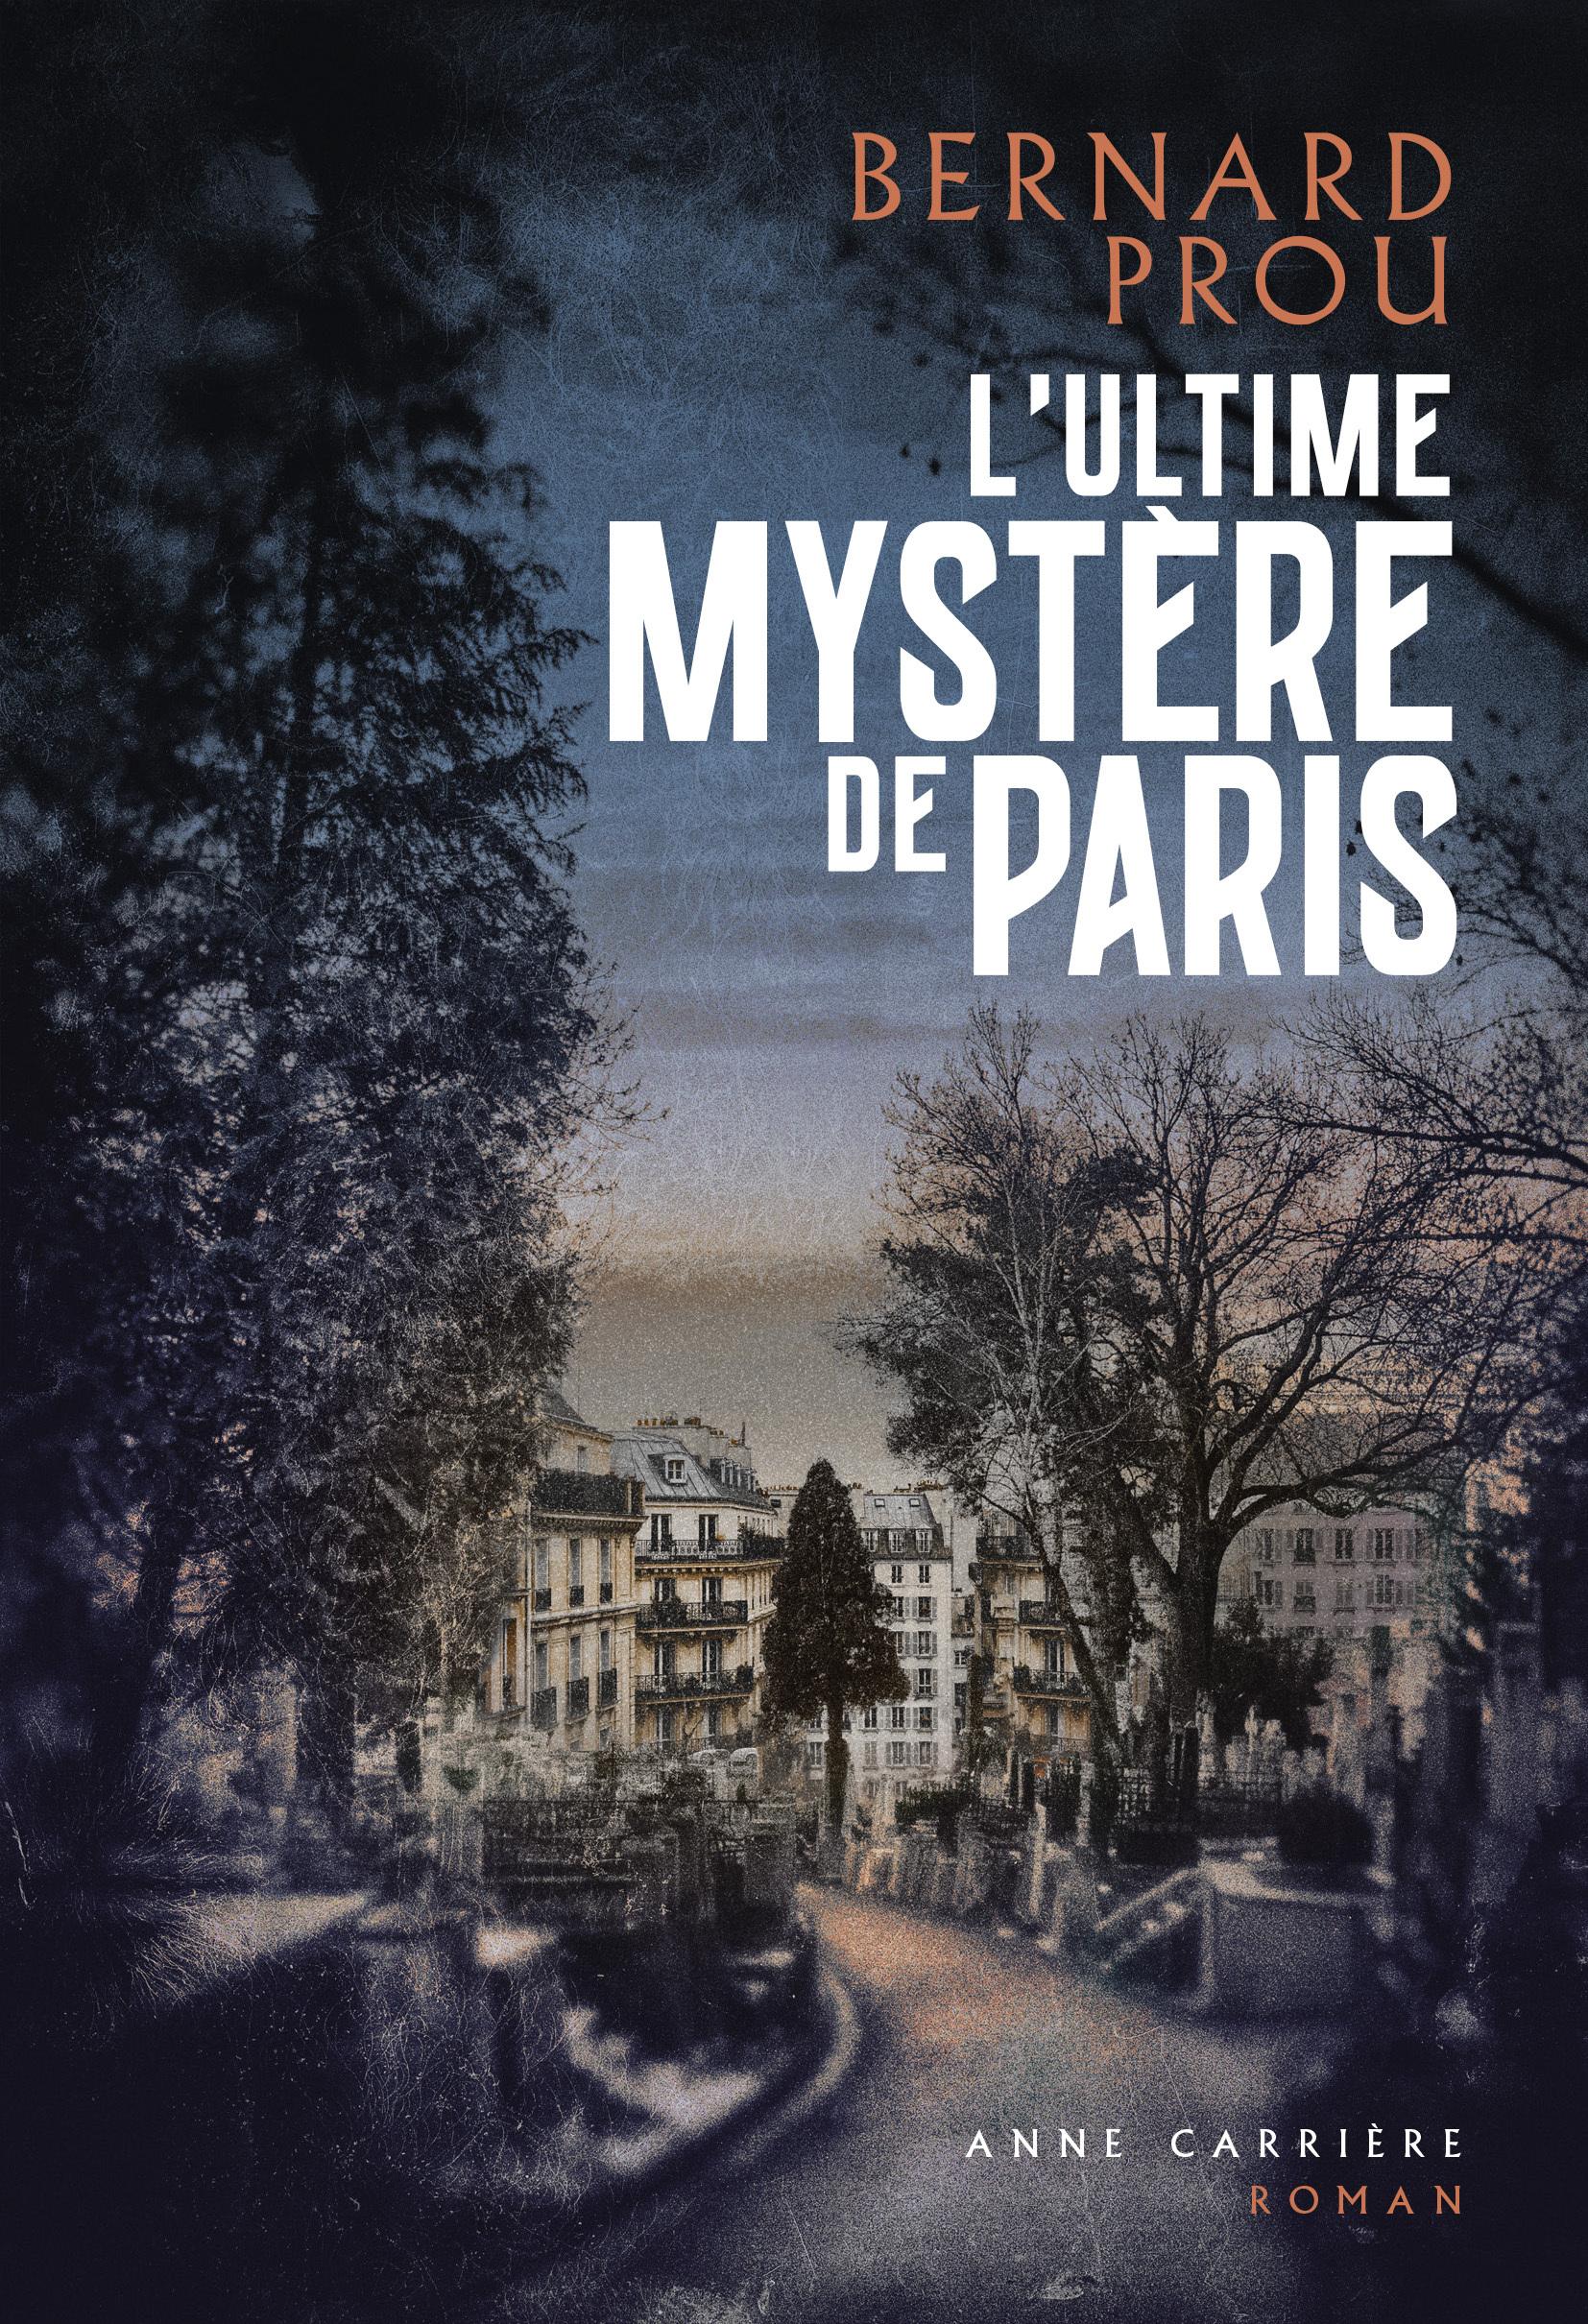 L'ULTIME MYSTERE DE PARIS